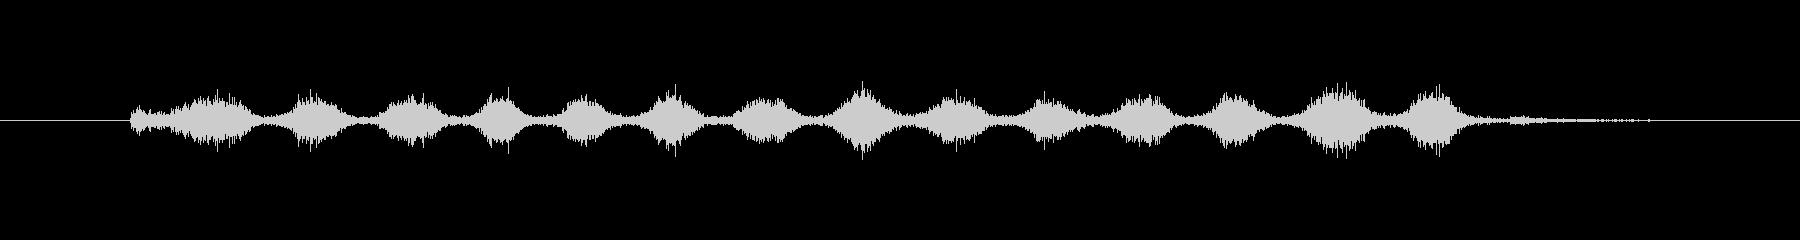 工場 メカニックシンクブラシロング02の未再生の波形